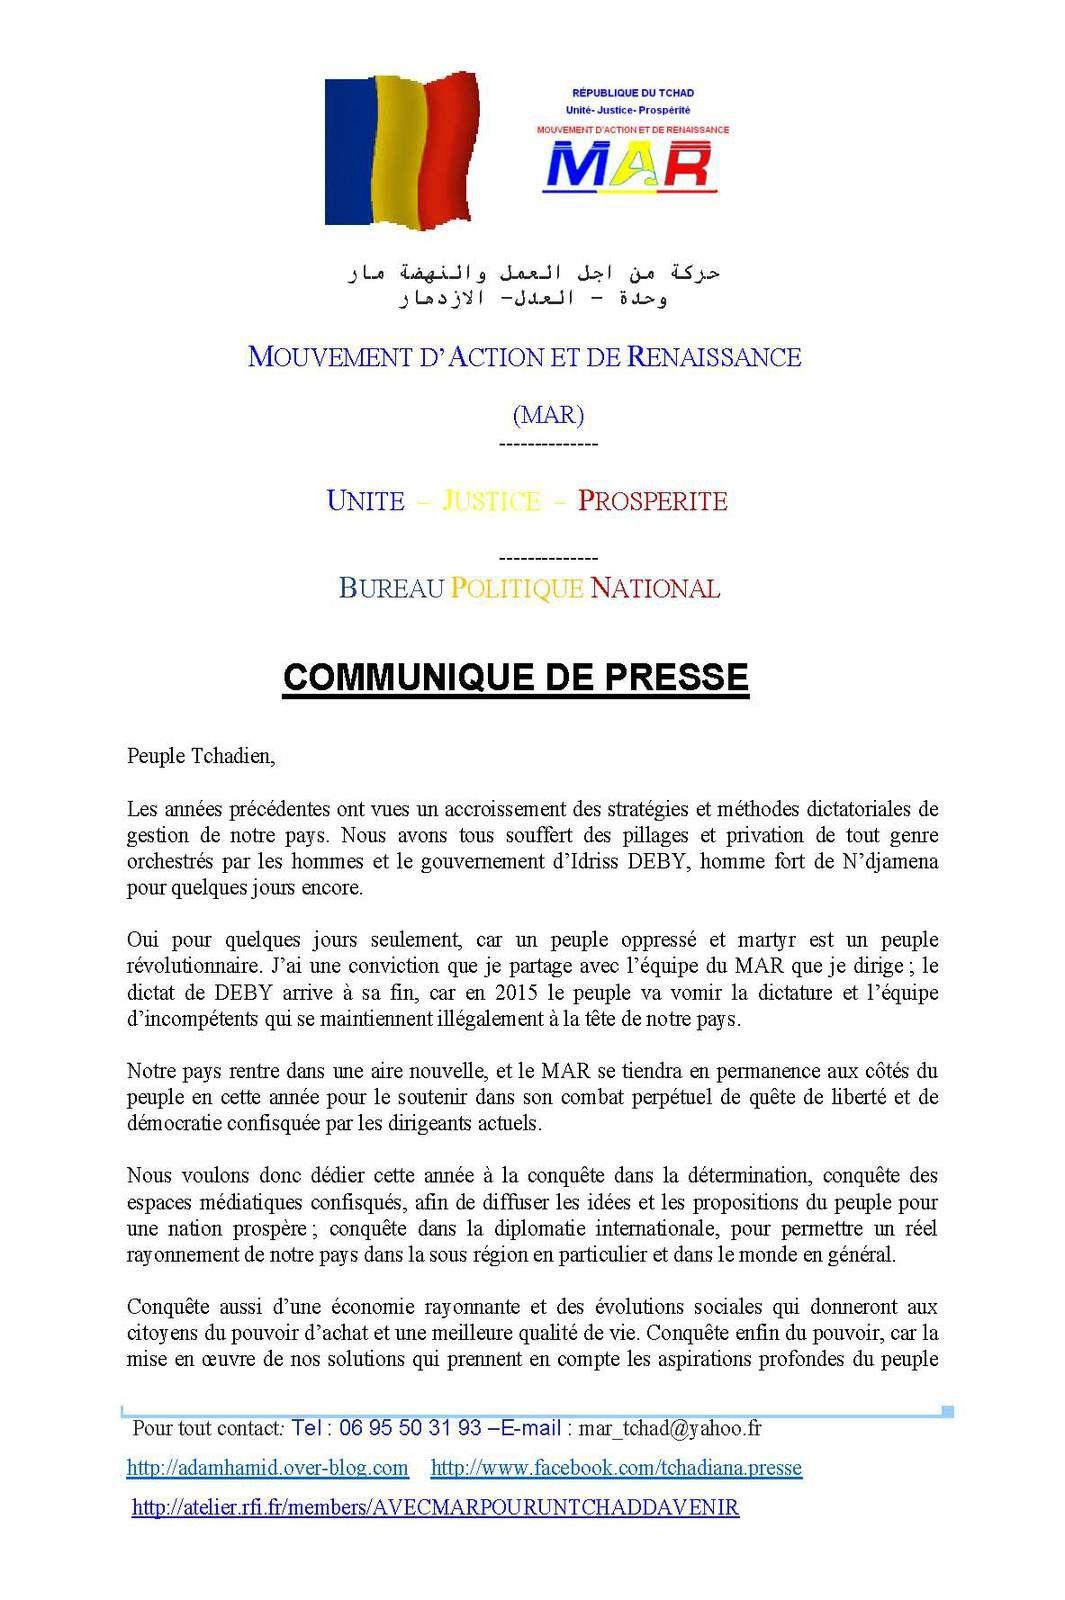 Voeux au peuple tchadien du Mouvement d'Action et de Reconnaissance (MAR)